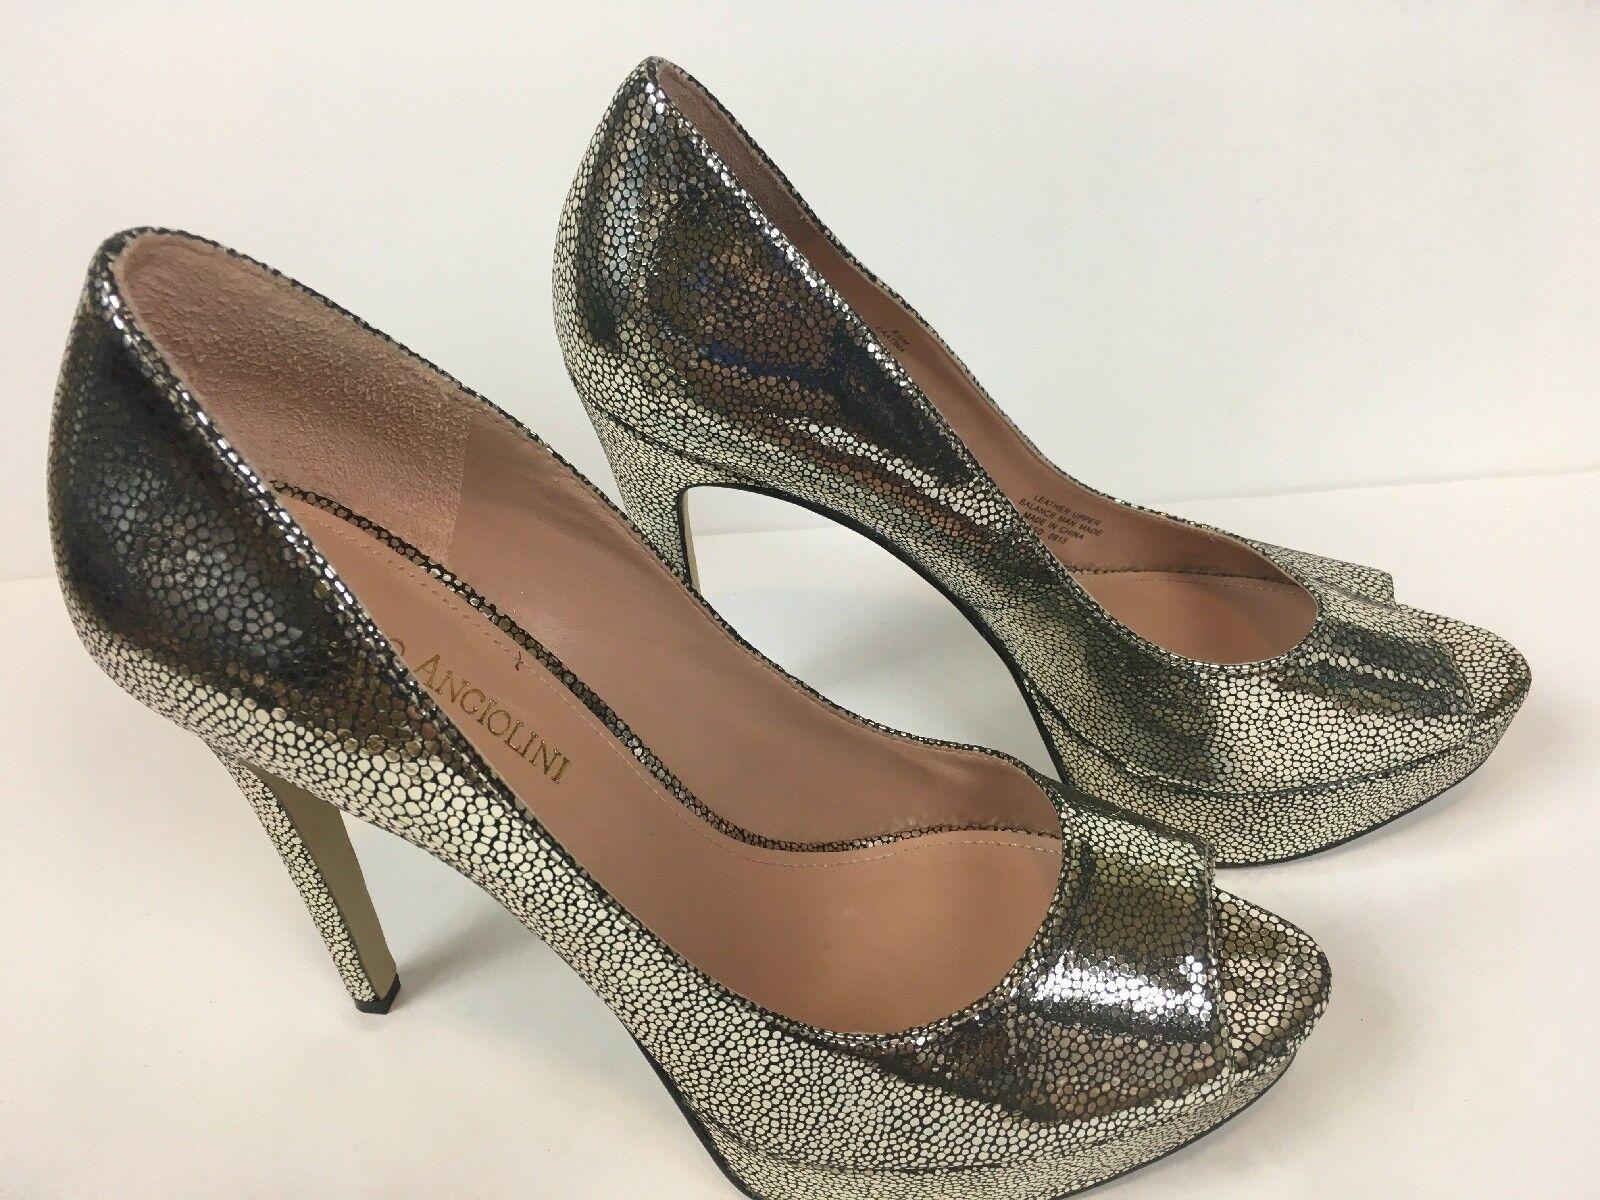 Prezzo al piano Enzo Angiolini donna Peep Toe Pumps Platform Heels Heels Heels scarpe Dimensione 8.5  vendita con alto sconto